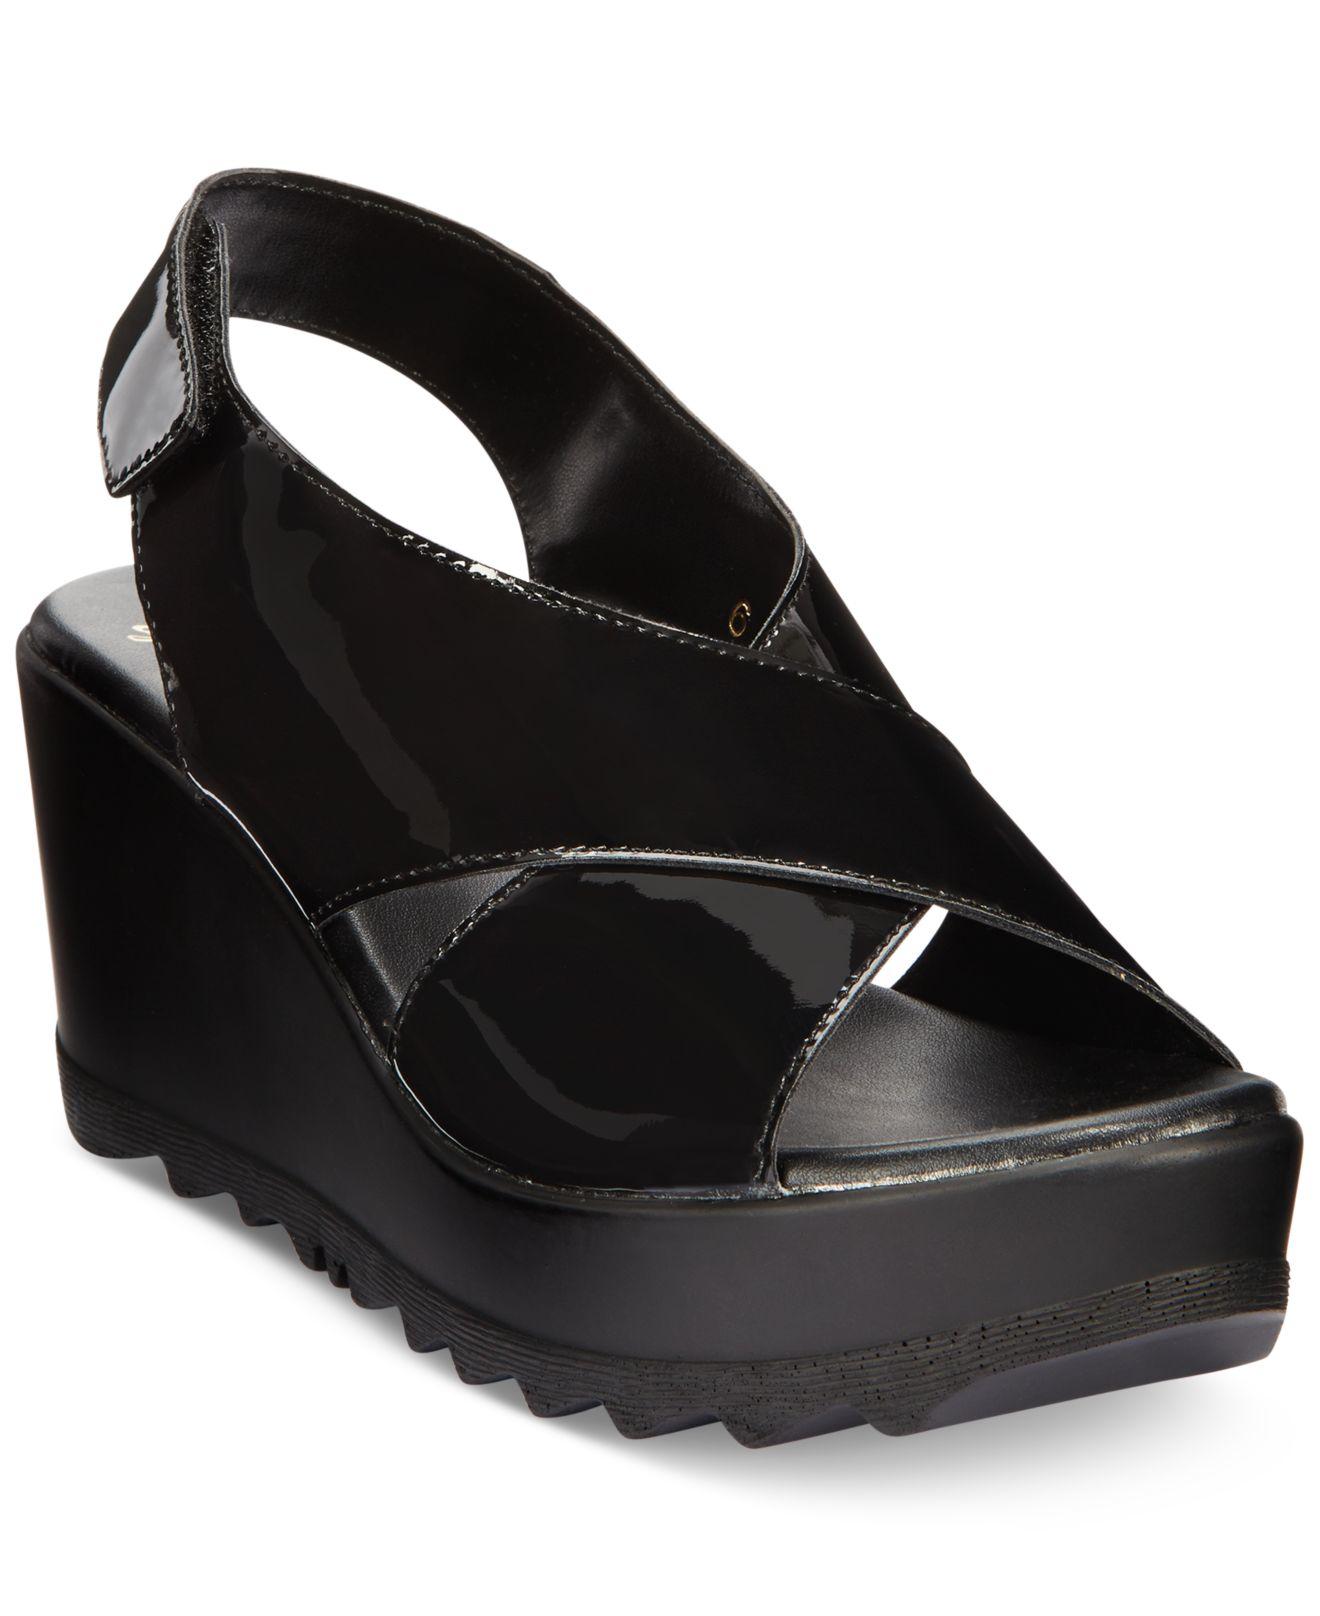 lyst callisto torro platform wedge sandals in black